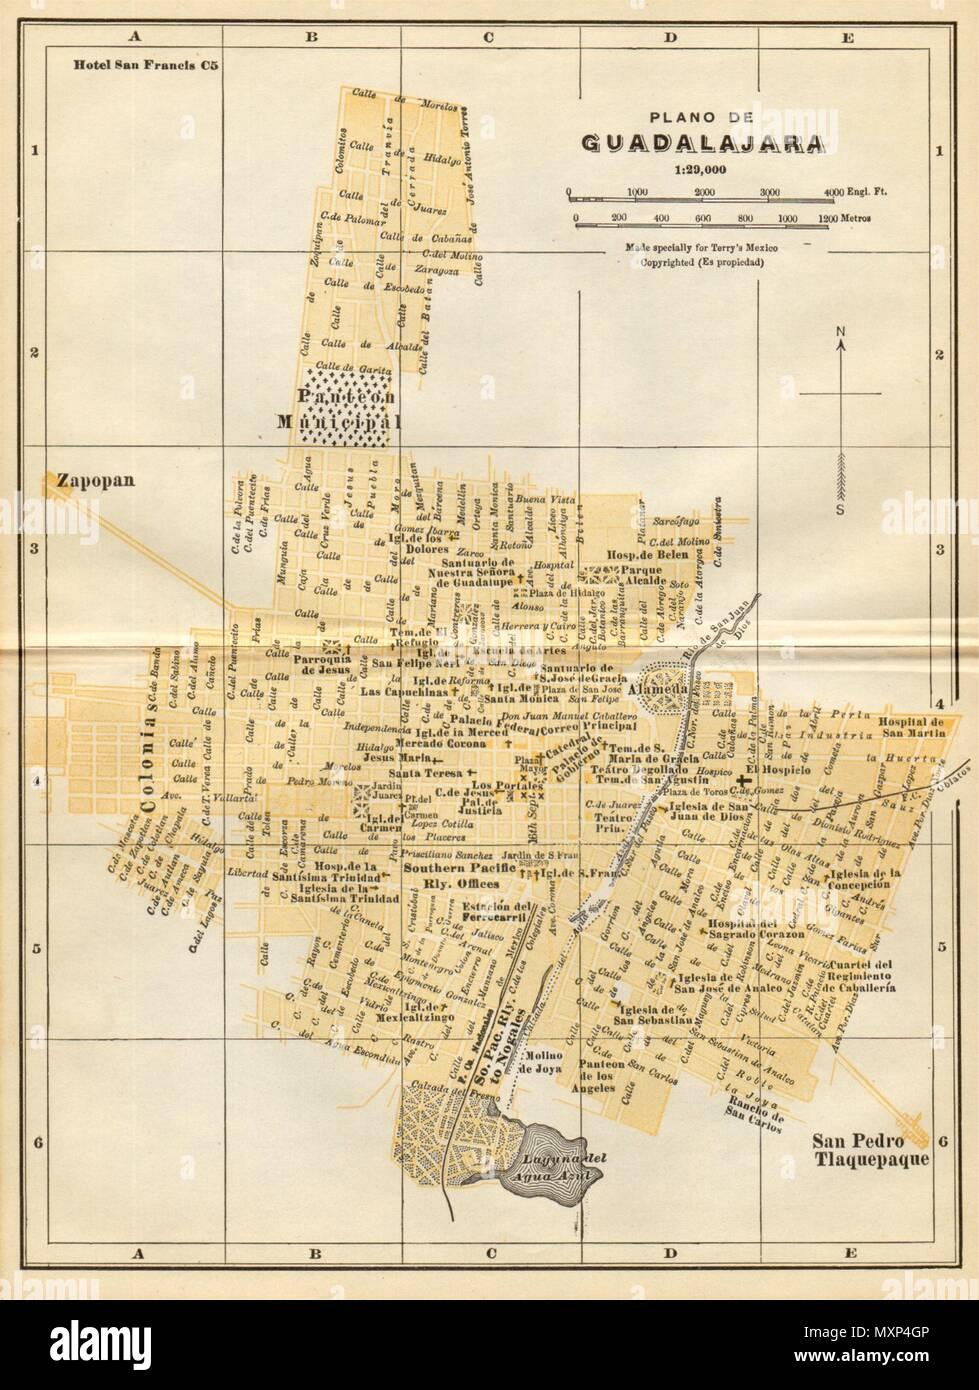 Plano De Guadalajara Mexico Mapa De La Ciudad City Town Plan 1935